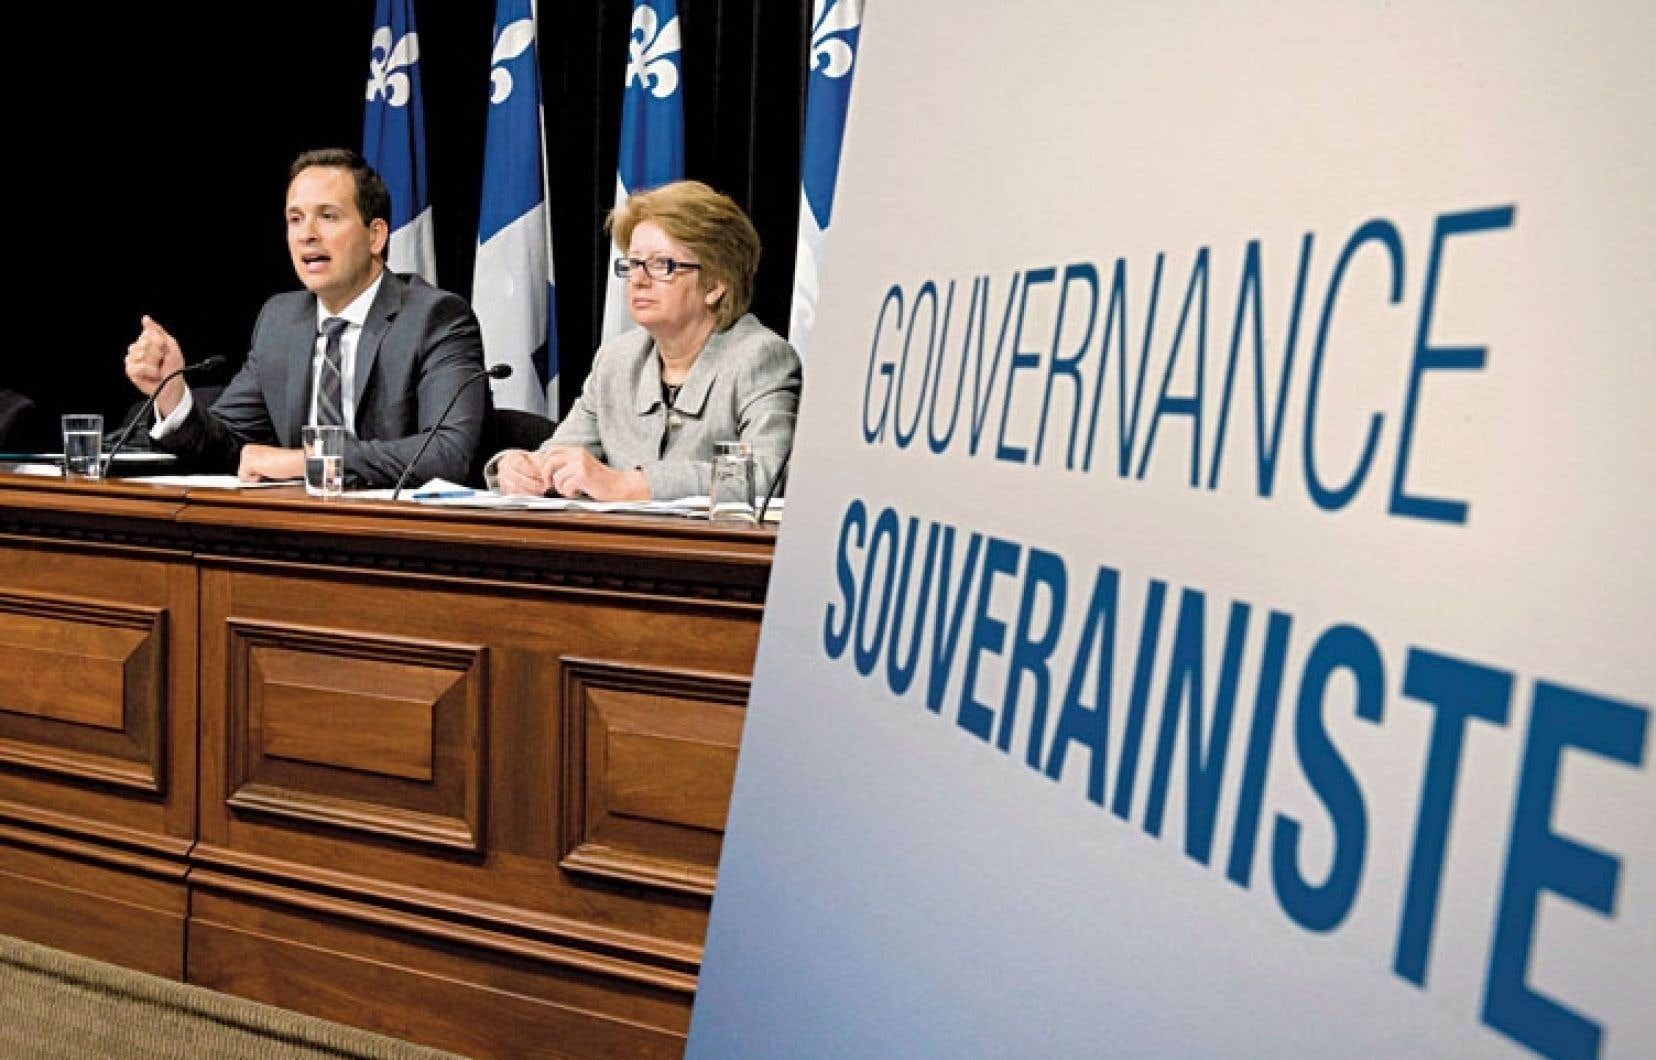 Le ministre des Affaires intergouvernementales canadiennes et de la Gouvernance souverainiste, Alexandre Cloutier, et la ministre du Travail, de l'Emploi et de la Solidarité sociale, Agnès Maltais